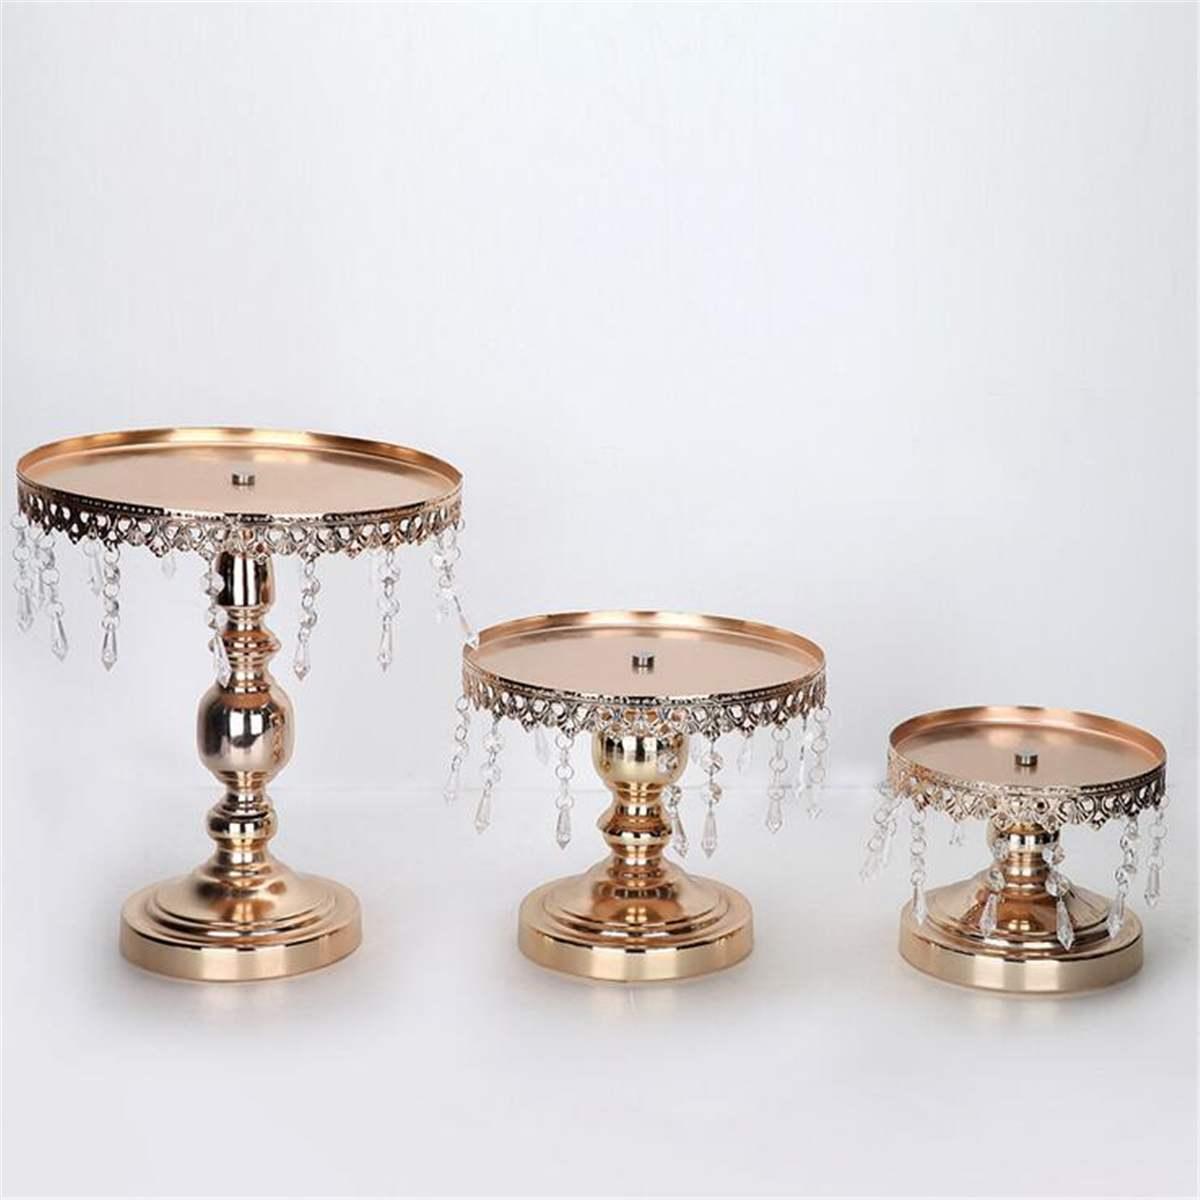 3 unids/set de bandeja de Metal dorado de boda, soporte de hierro para pastel, accesorios de mesa, adornos de cristal, plato de pastel de fruta, postre, herramientas de comida